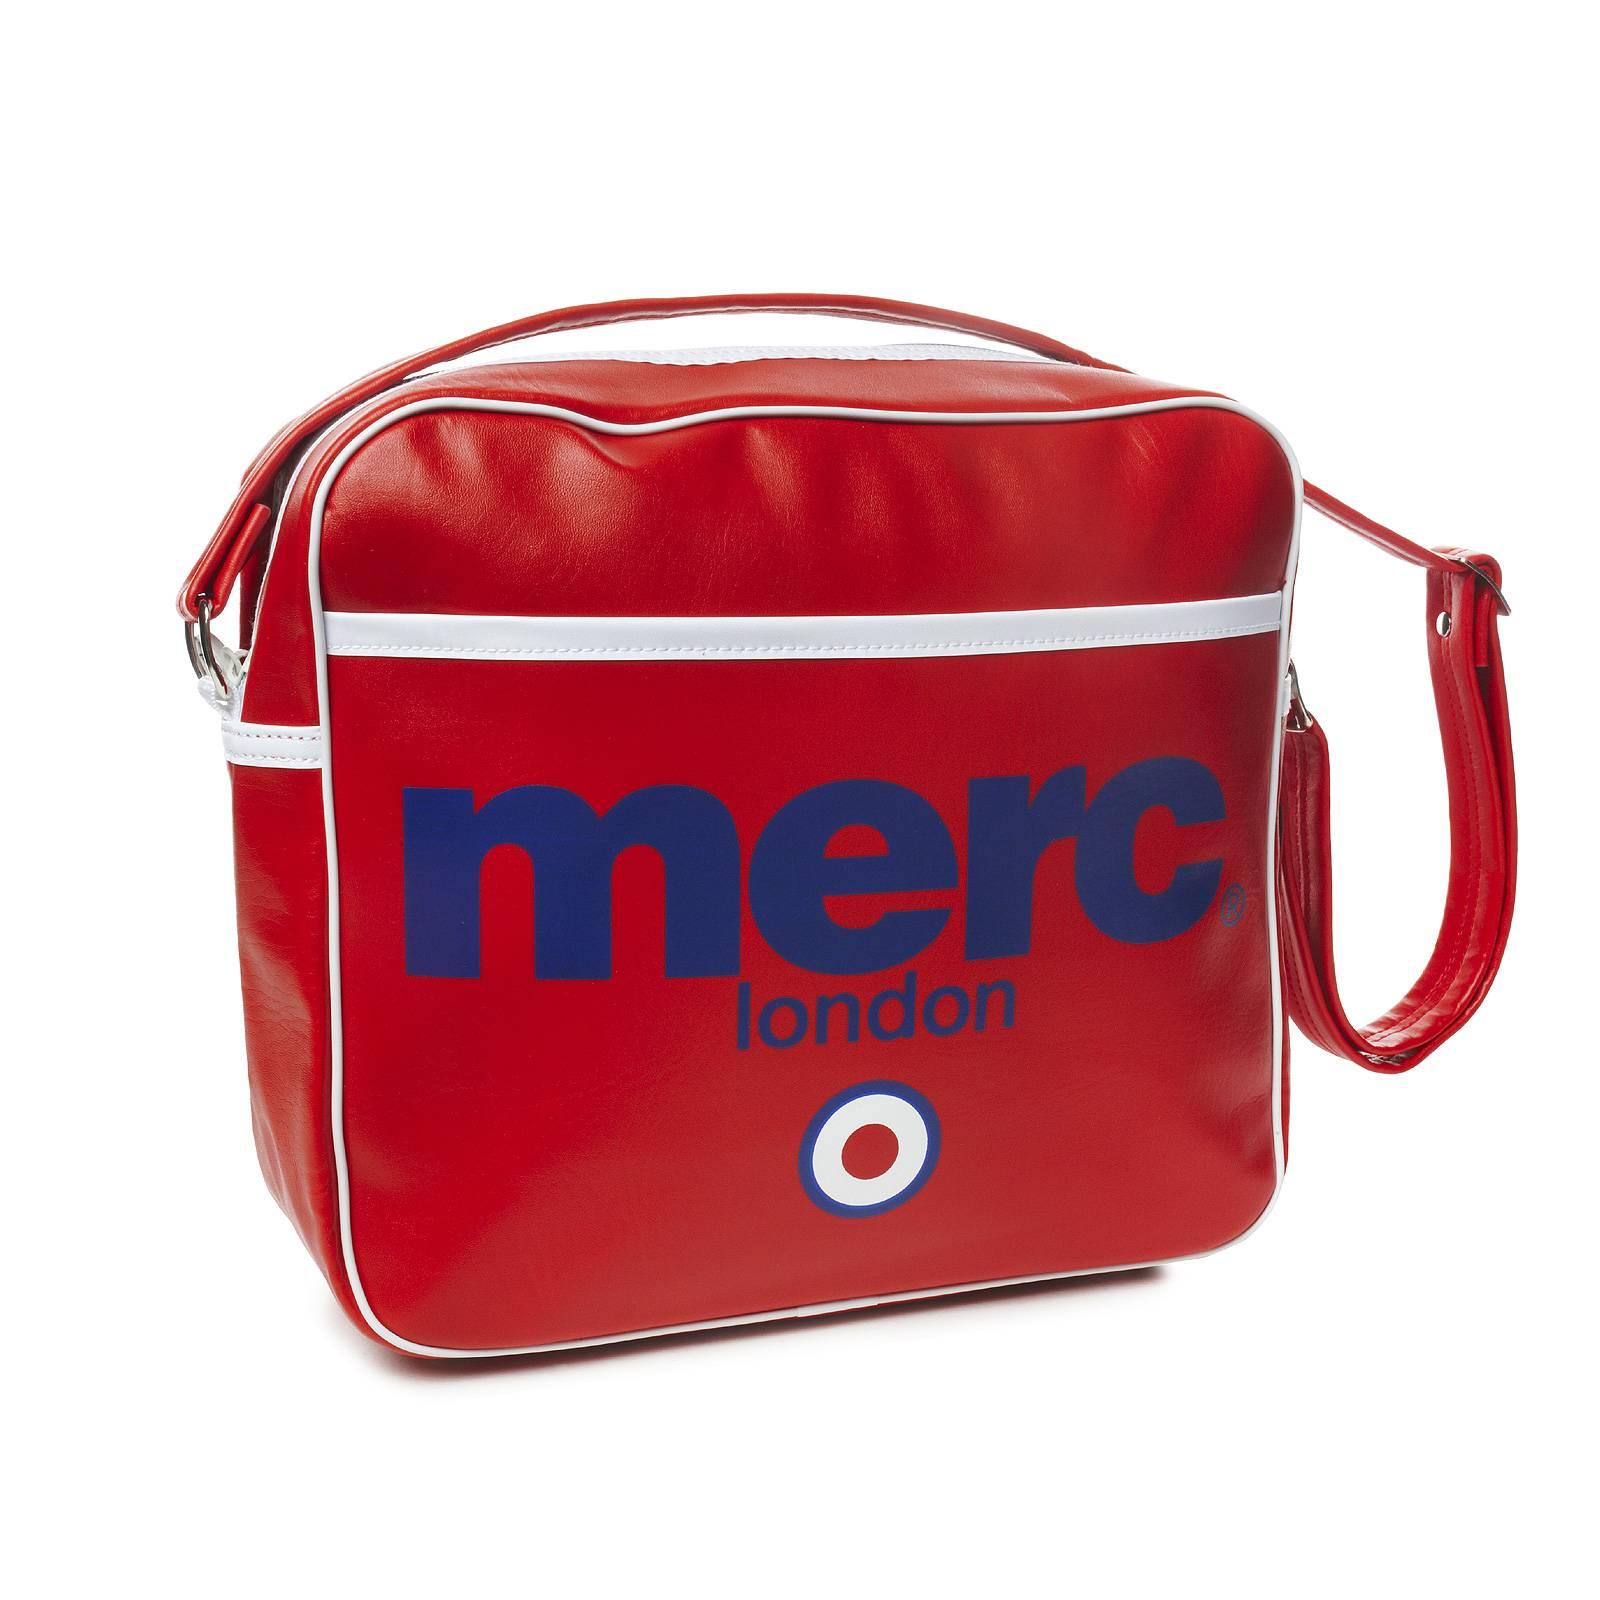 Сумка AirlineАксессуары<br>Виниловая сумка-почтальонка c контрастным фирменным логотипом и символом mod-движения - &amp;amp;quot;таргетом&amp;amp;quot;. Имеет внутреннее отделение на молнии для мелочей. Регулируемый по длине ремень позволяет носить ее на плече или продевать через голову, освобождая руки. Ширина 30см х высота 26см х глубина 10см. Сумка свободно вмещает папки и блокноты формата А4. Является аксессуаром унисекс, отлично вписываясь как в мужской, так и в женский спортивный или кэжуальнй гардероб.<br><br>Артикул: 1004107<br>Материал: 100% полиуретан<br>Цвет: красный<br>Пол: Мужской